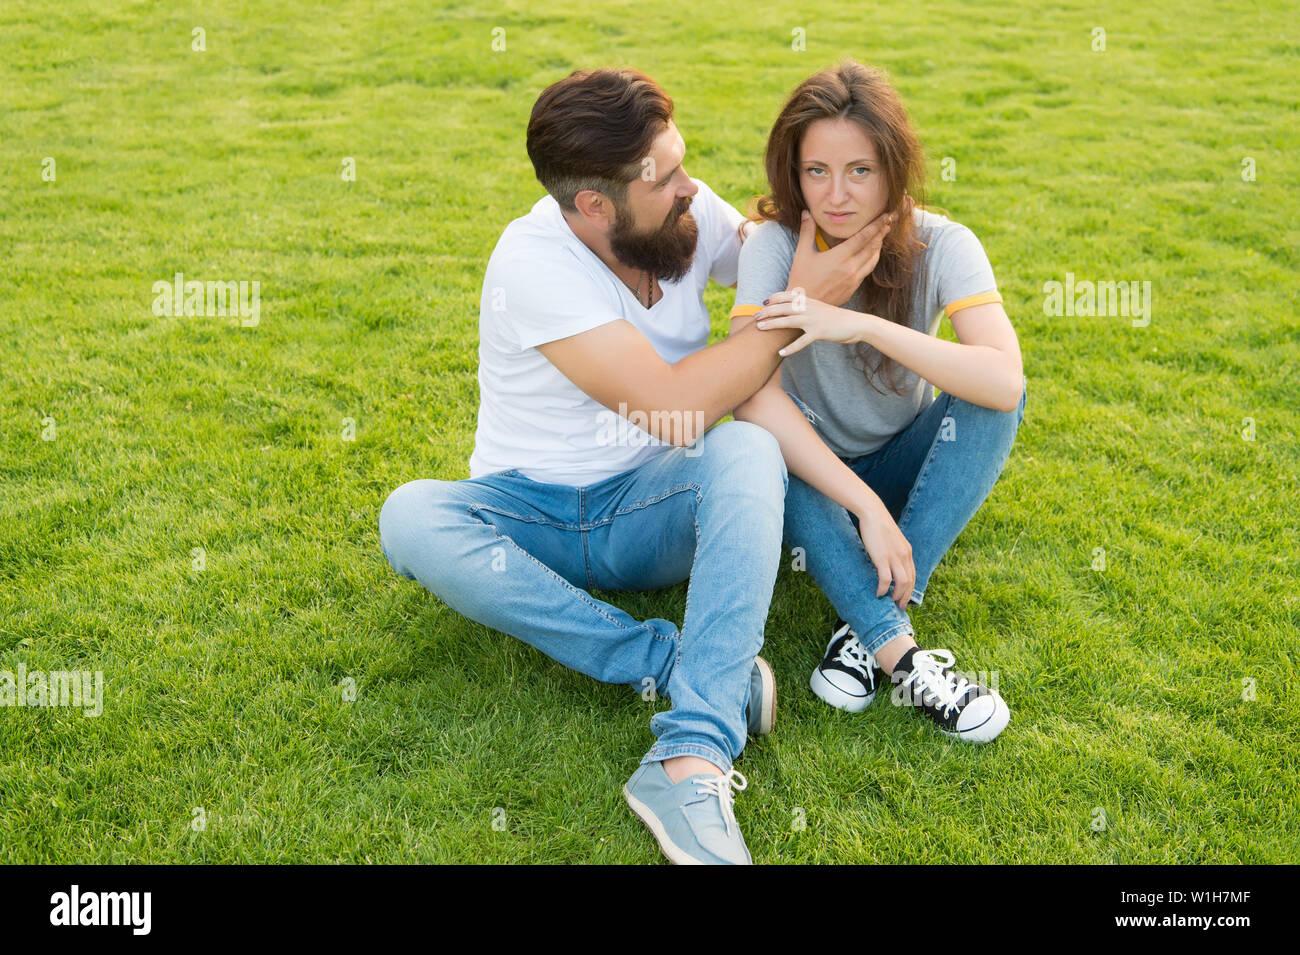 Dating tyg efter bredd